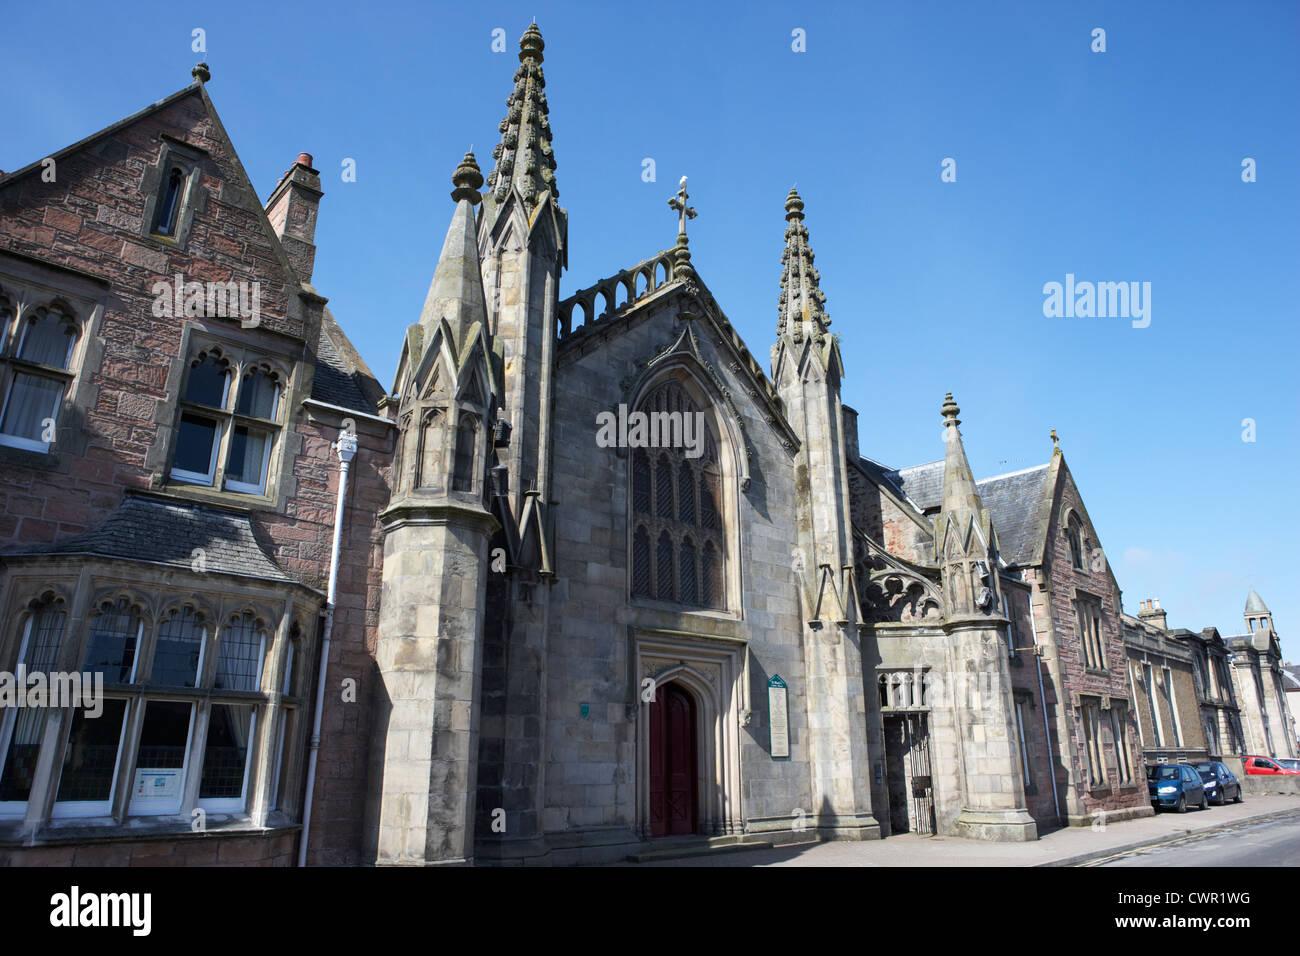 st marys roman catholic church inverness highland scotland uk Stock Photo